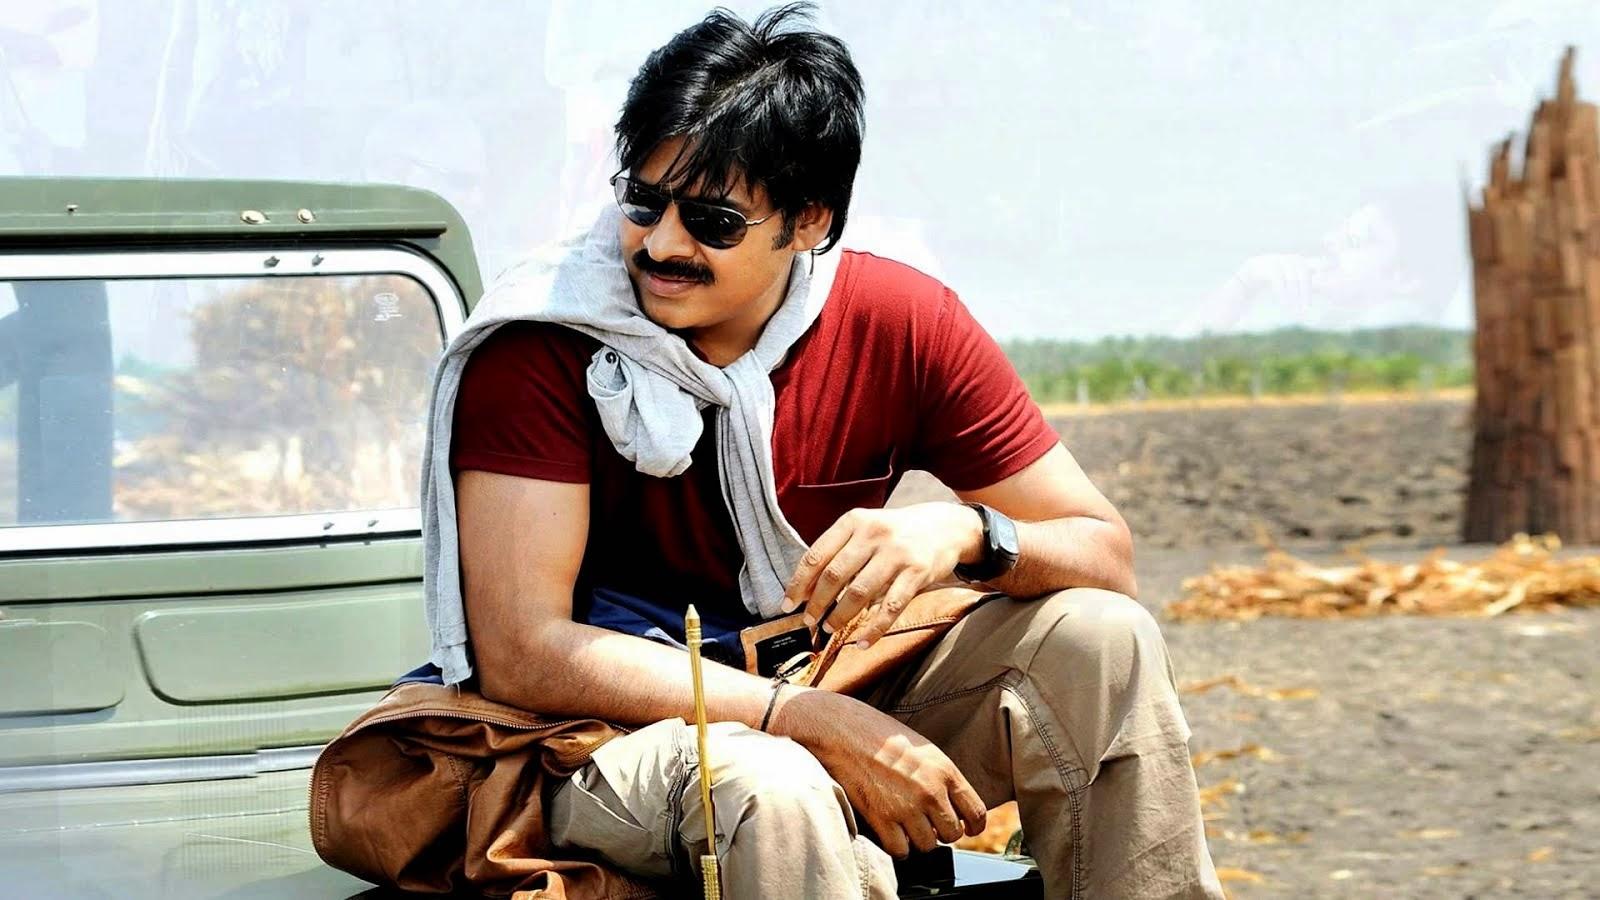 Telugu actor pawan kalyan wallpapers hd wallpapers download free high definition desktop - Telugu hd wallpaper ...